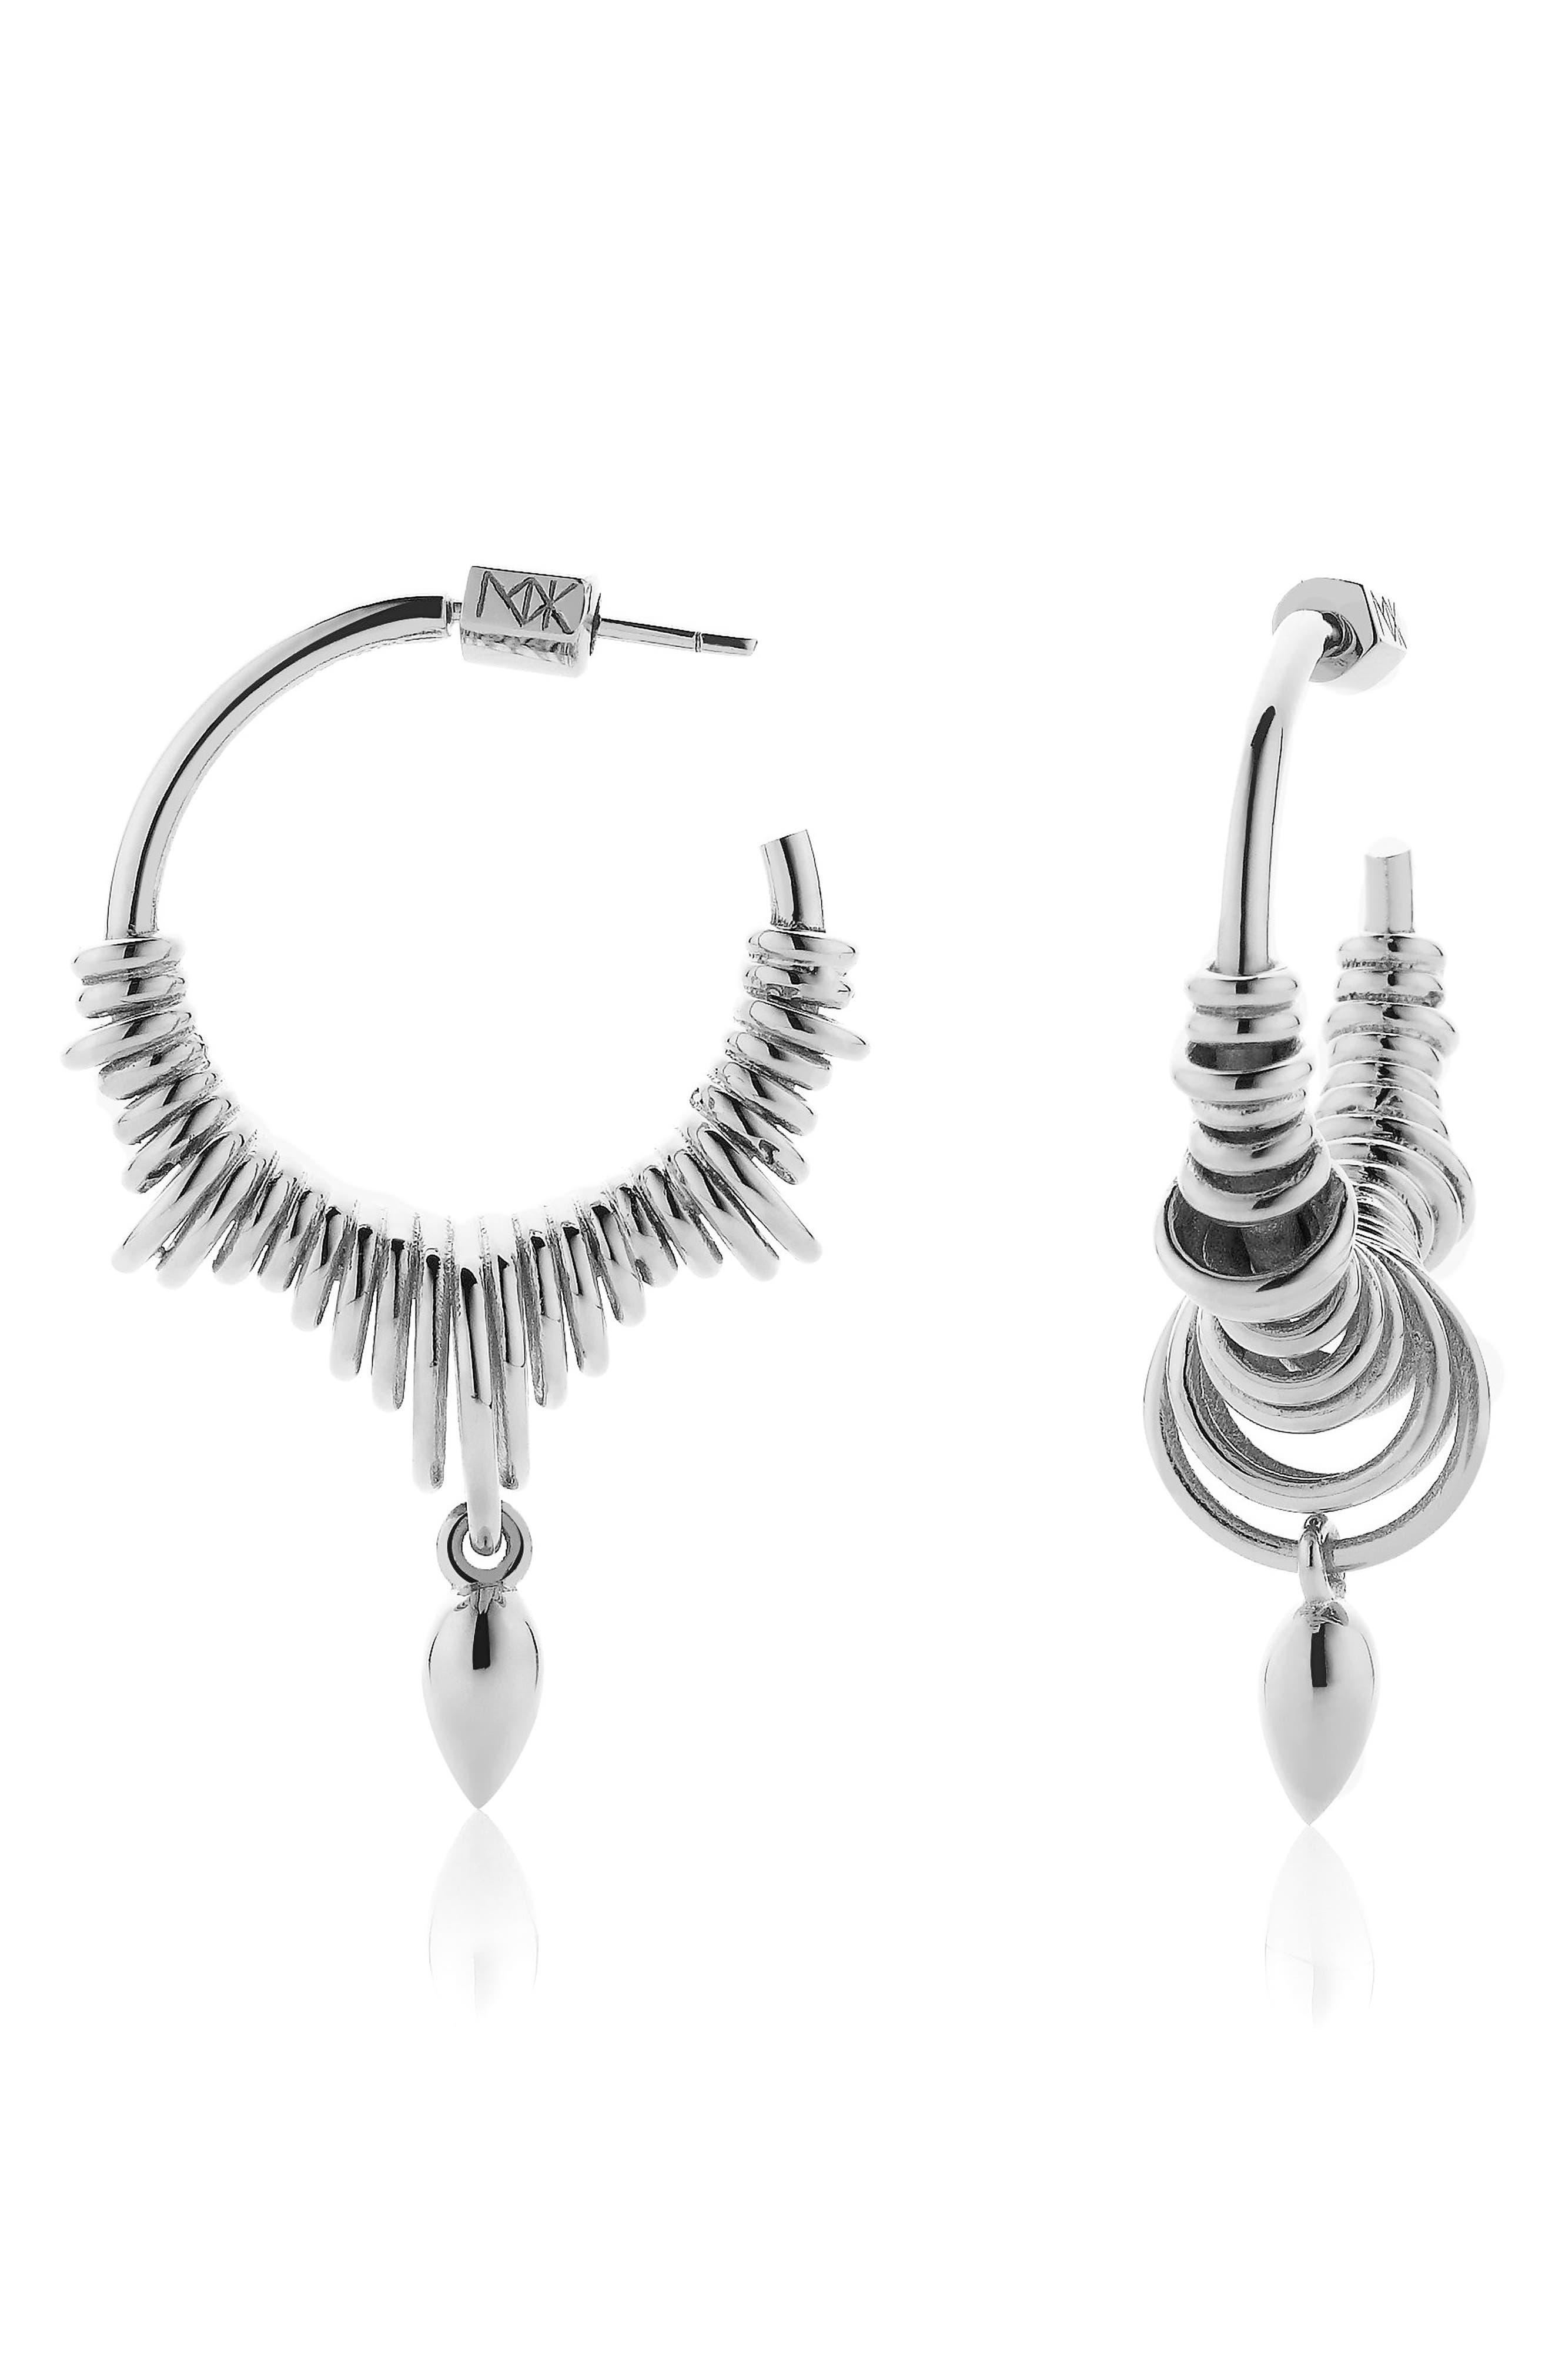 Meadowlark Revival Medium Hoop Earrings